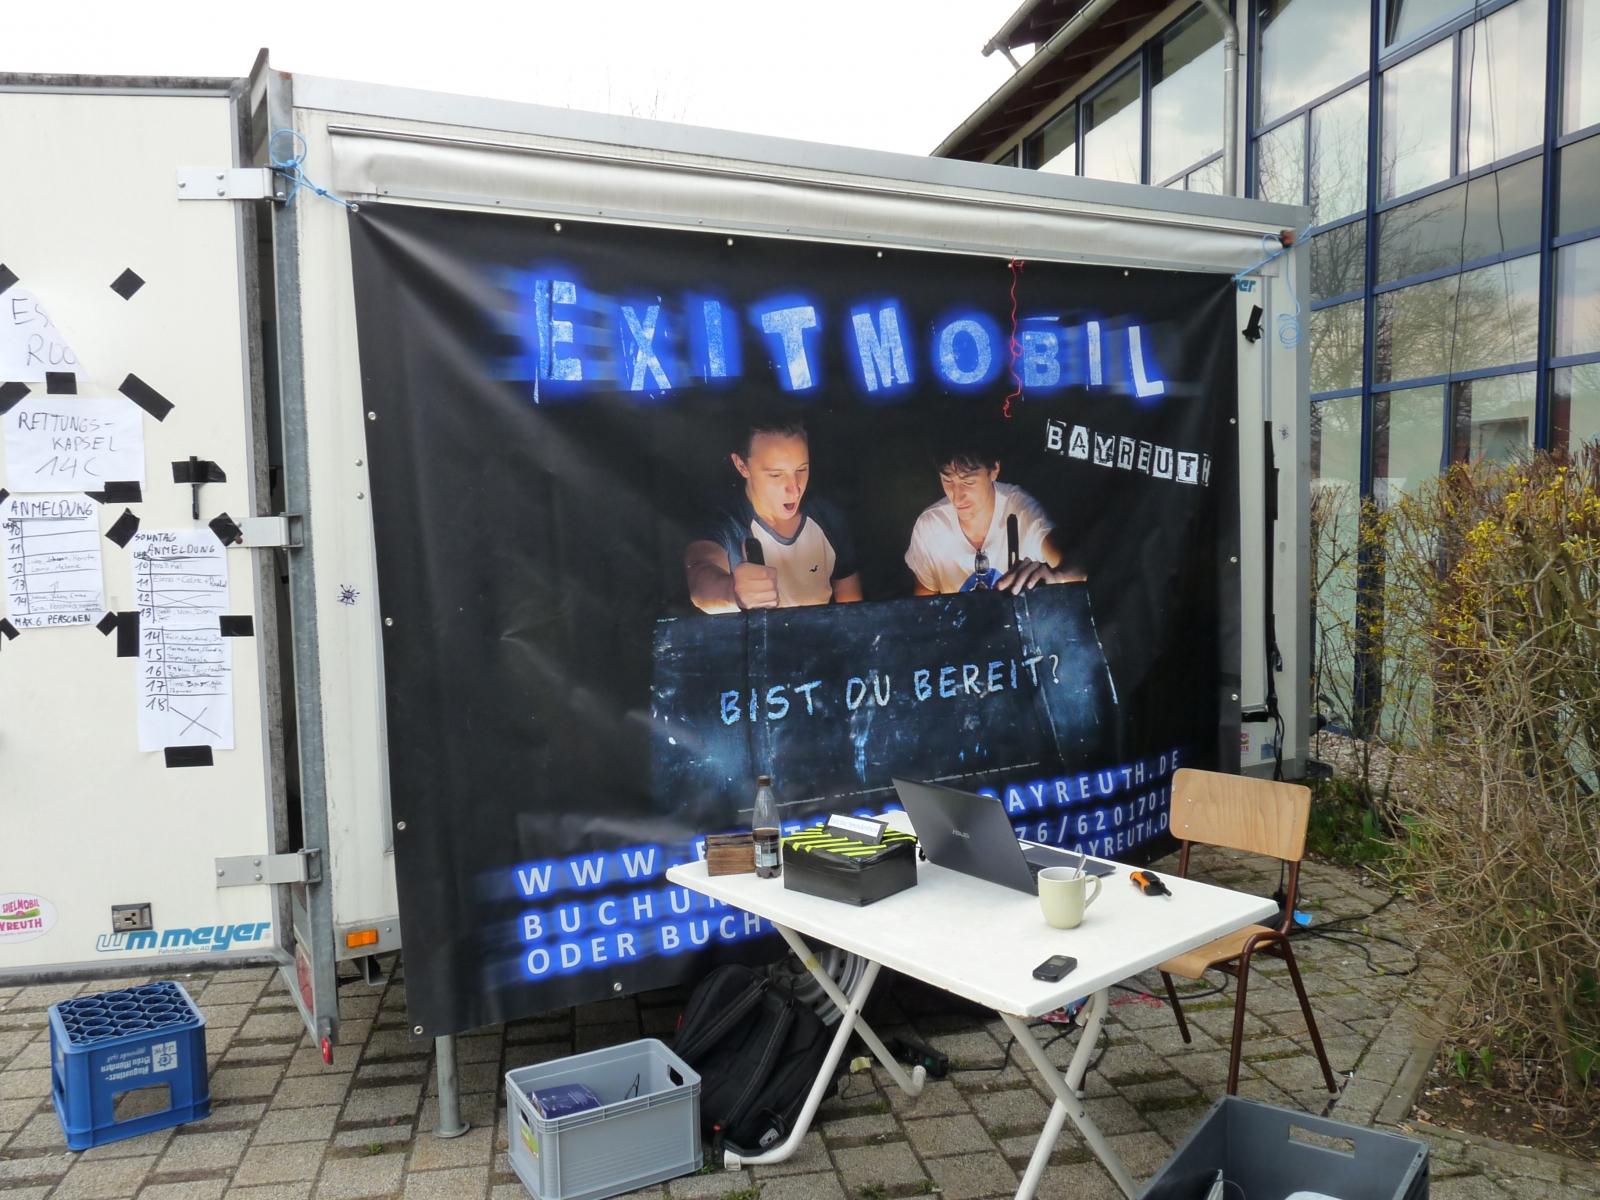 Exitmobil